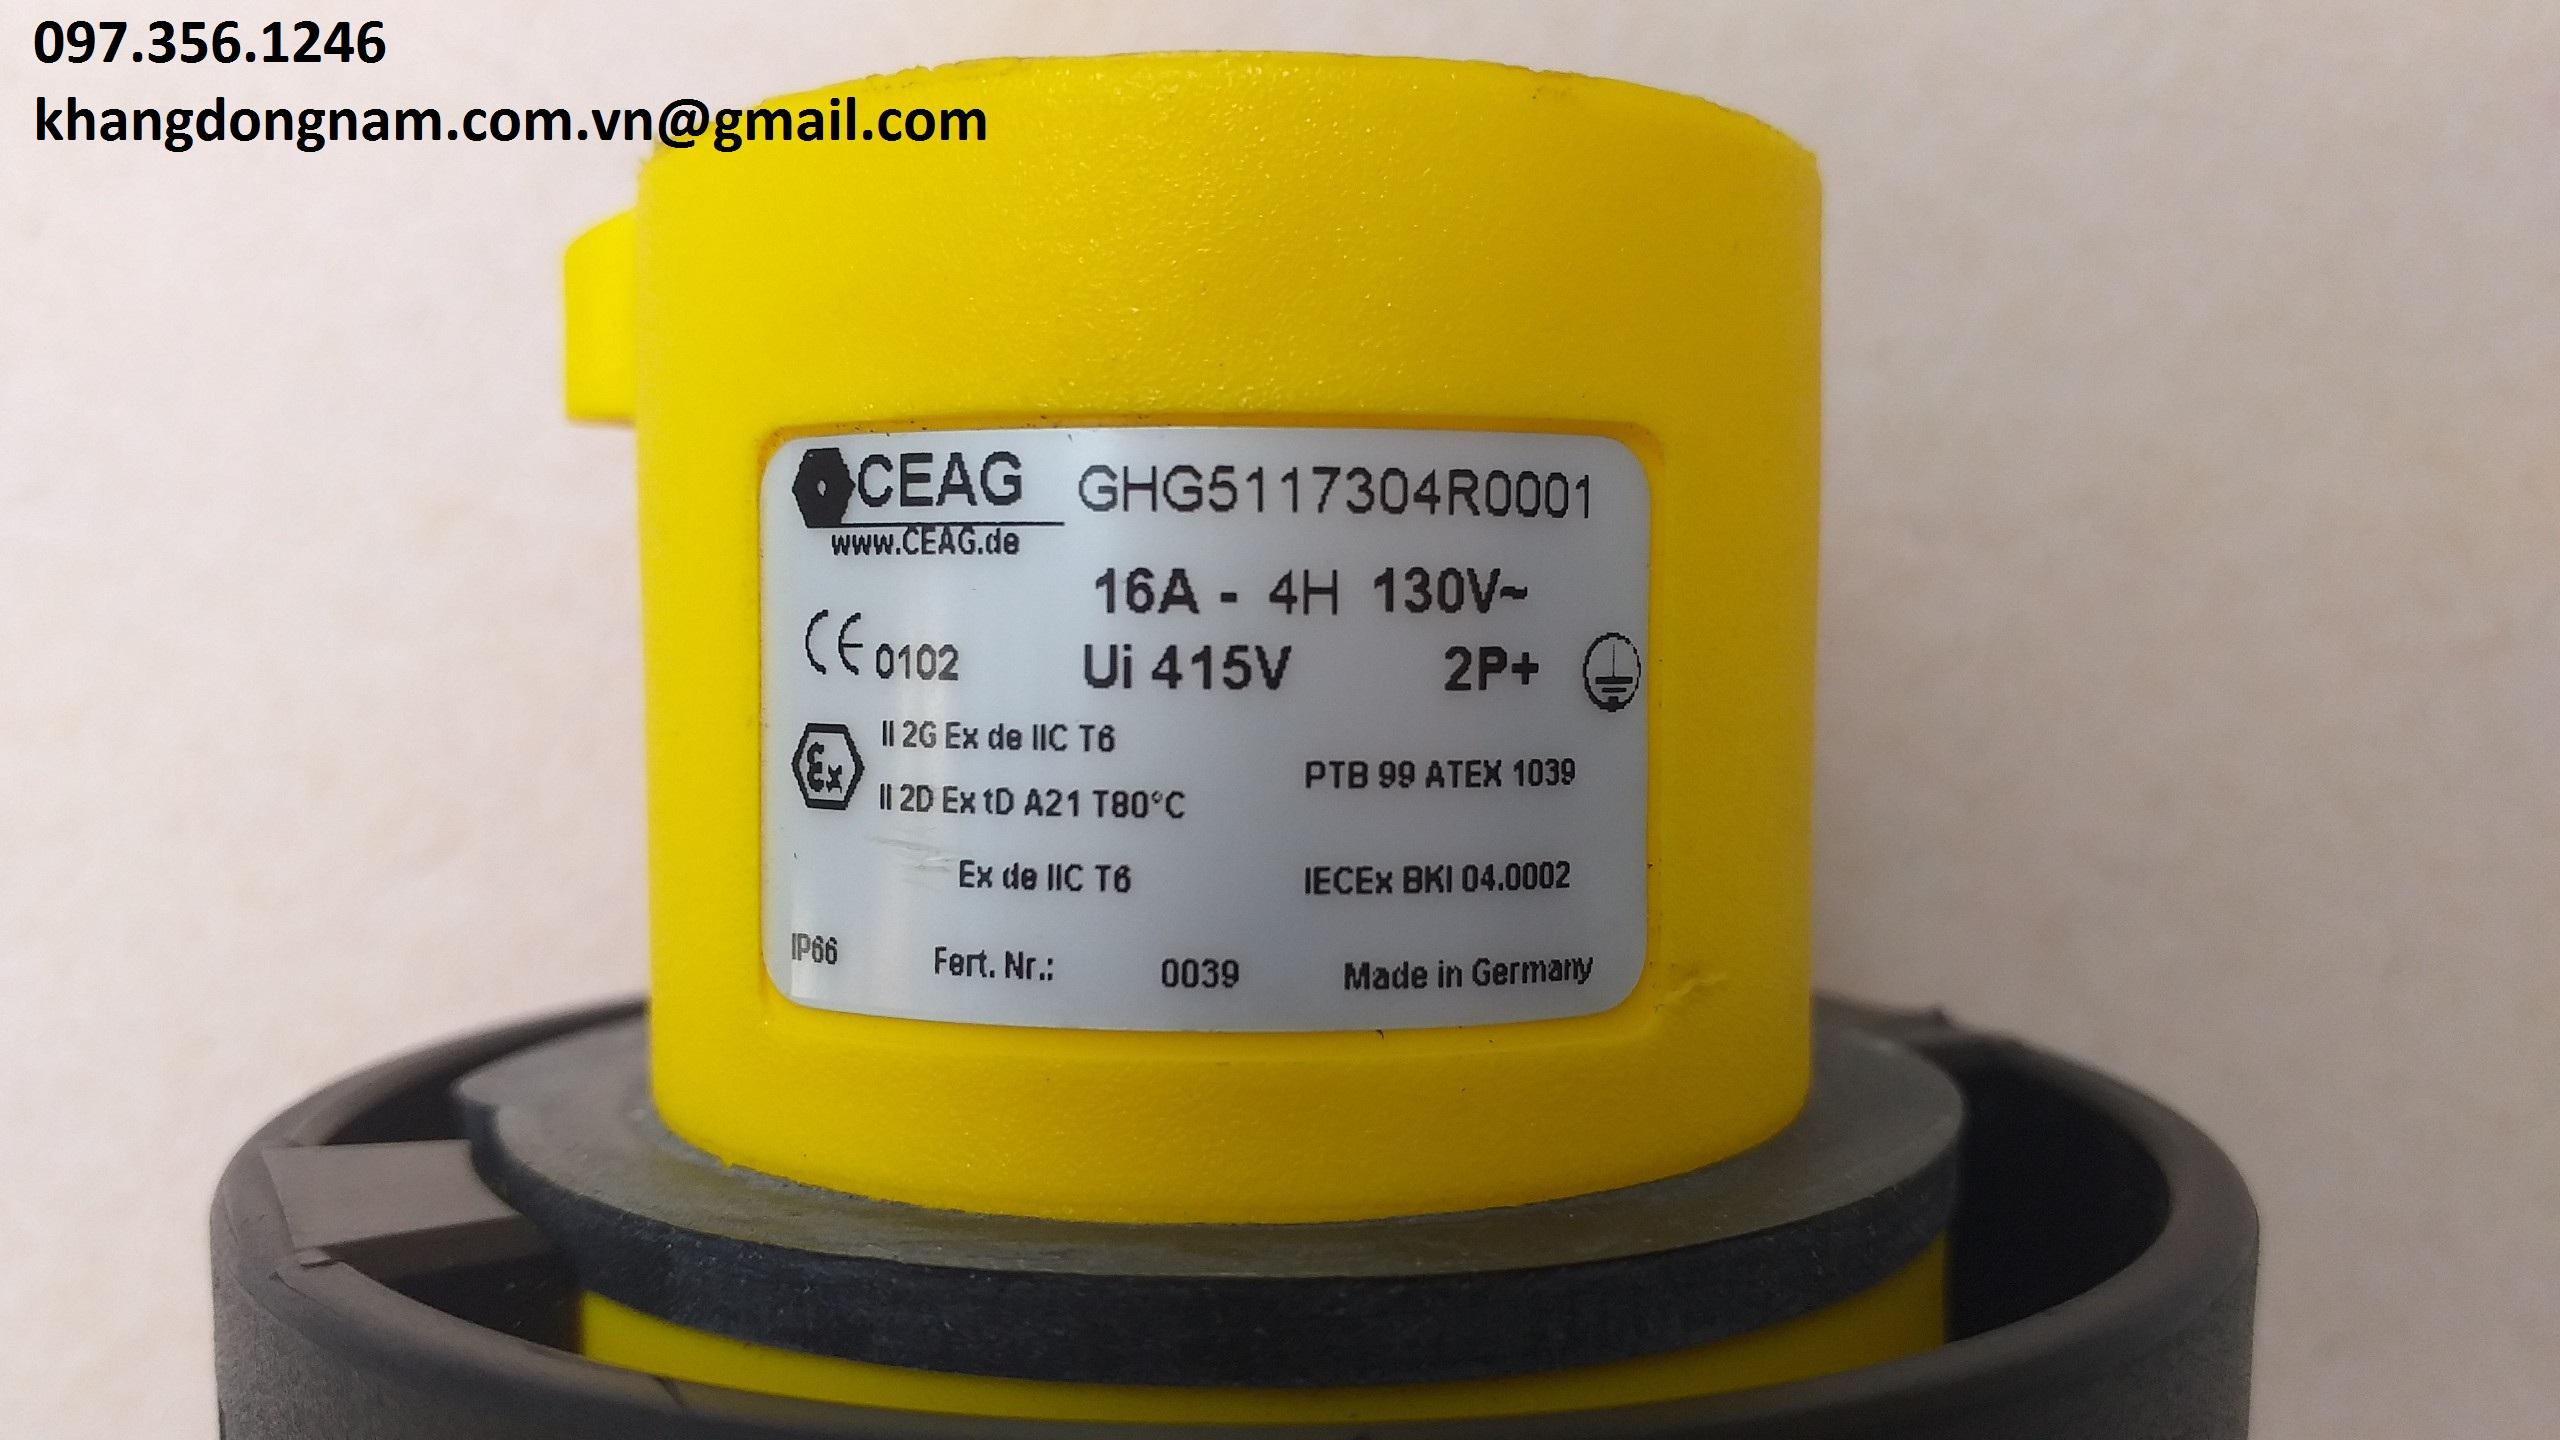 Phích cắm chống cháy nổ CEAG GHG5117304R0001 (4)